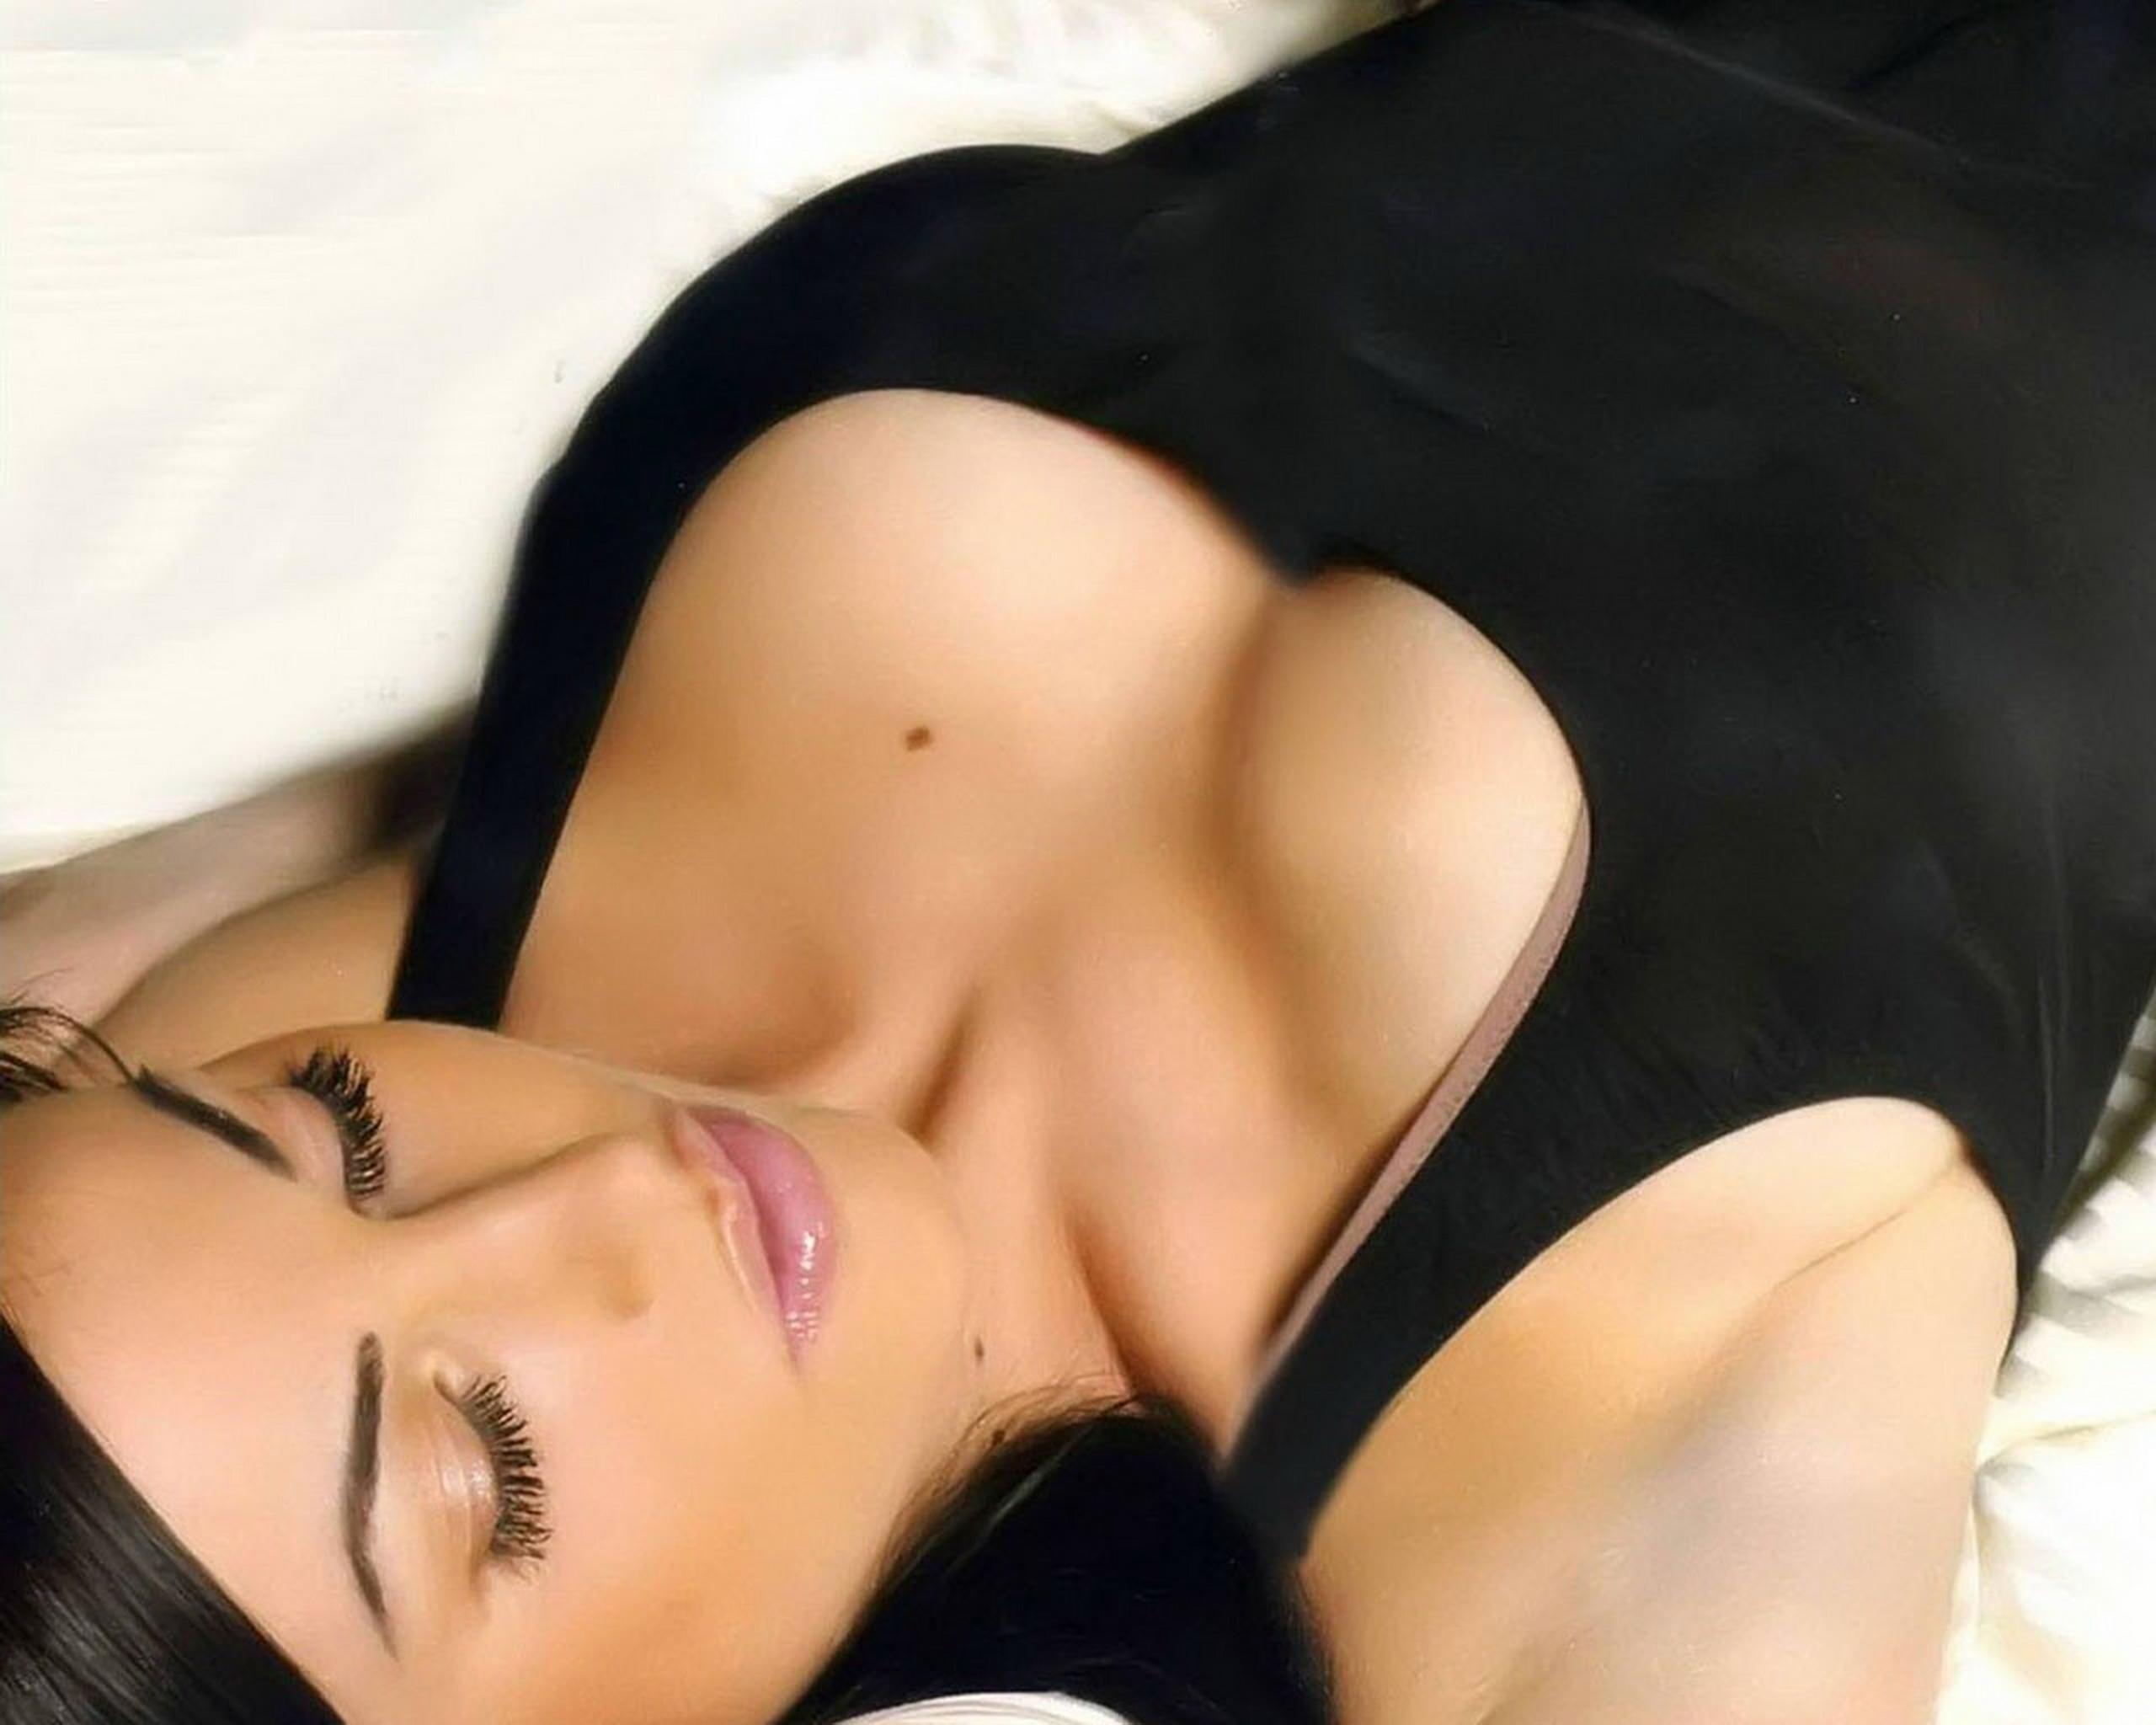 Фото женской не большой груди 11 фотография